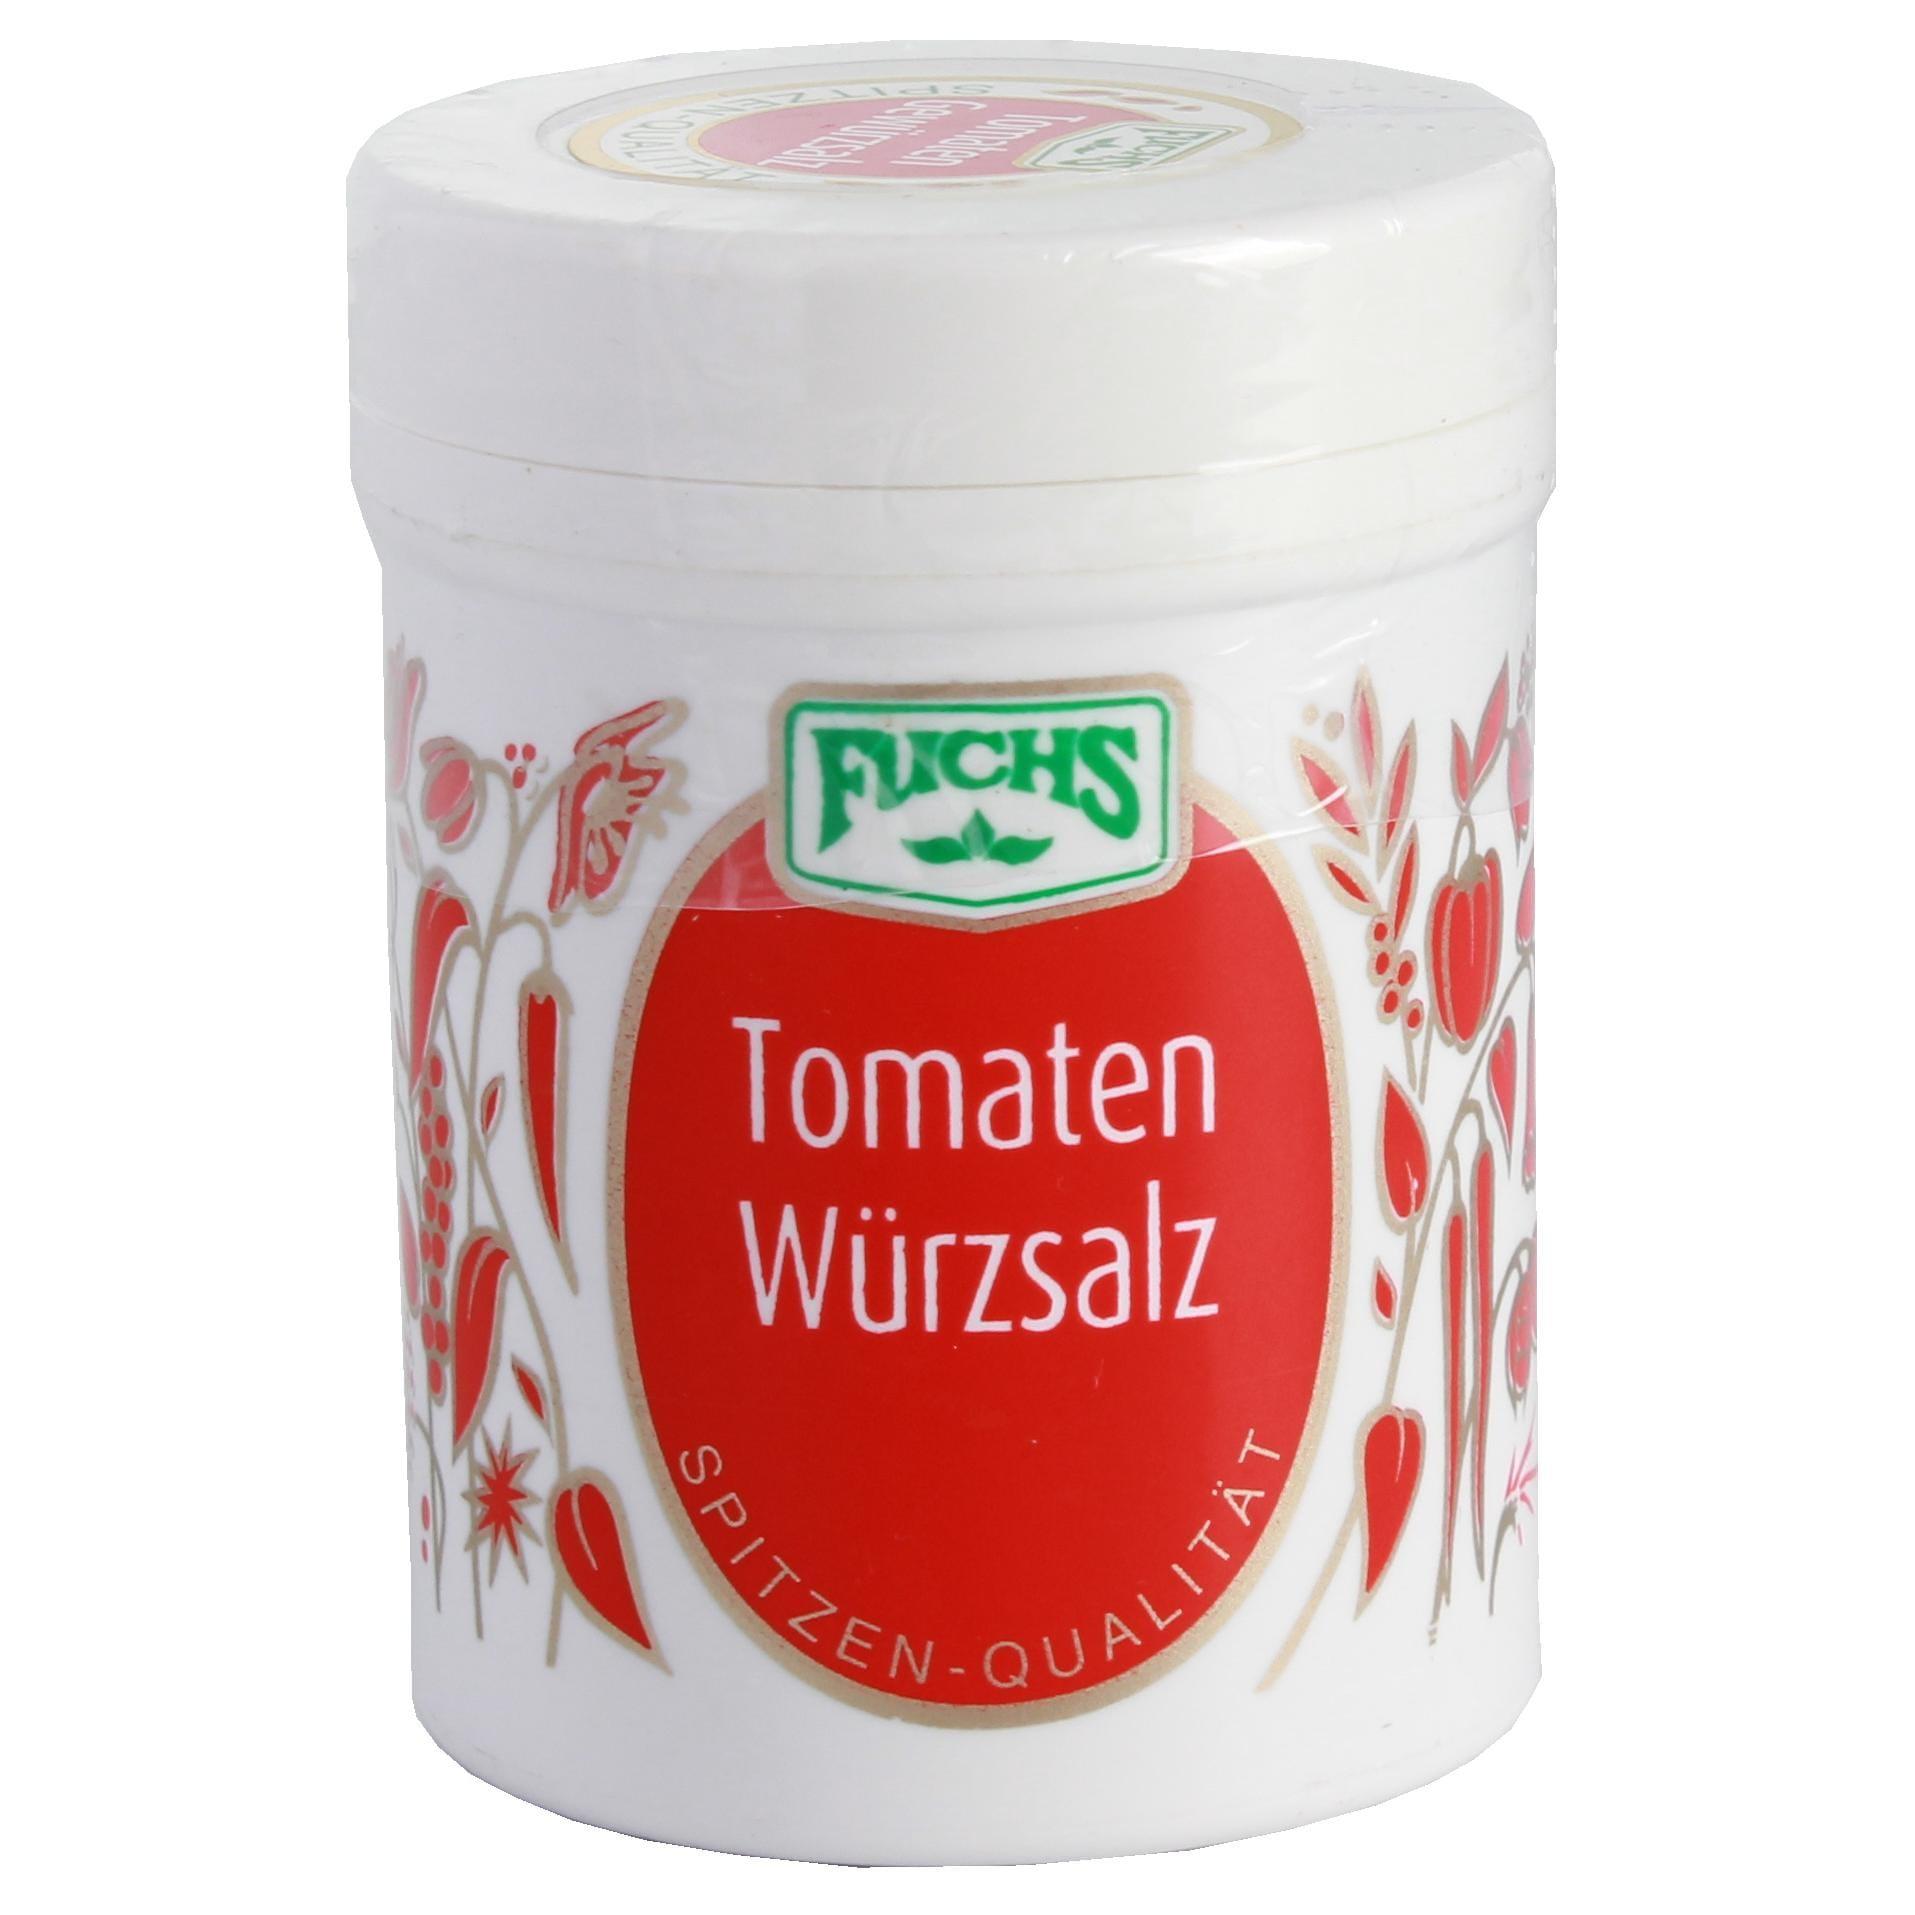 Fuchs Tomaten Würzsalz Gewürzmischung 150g